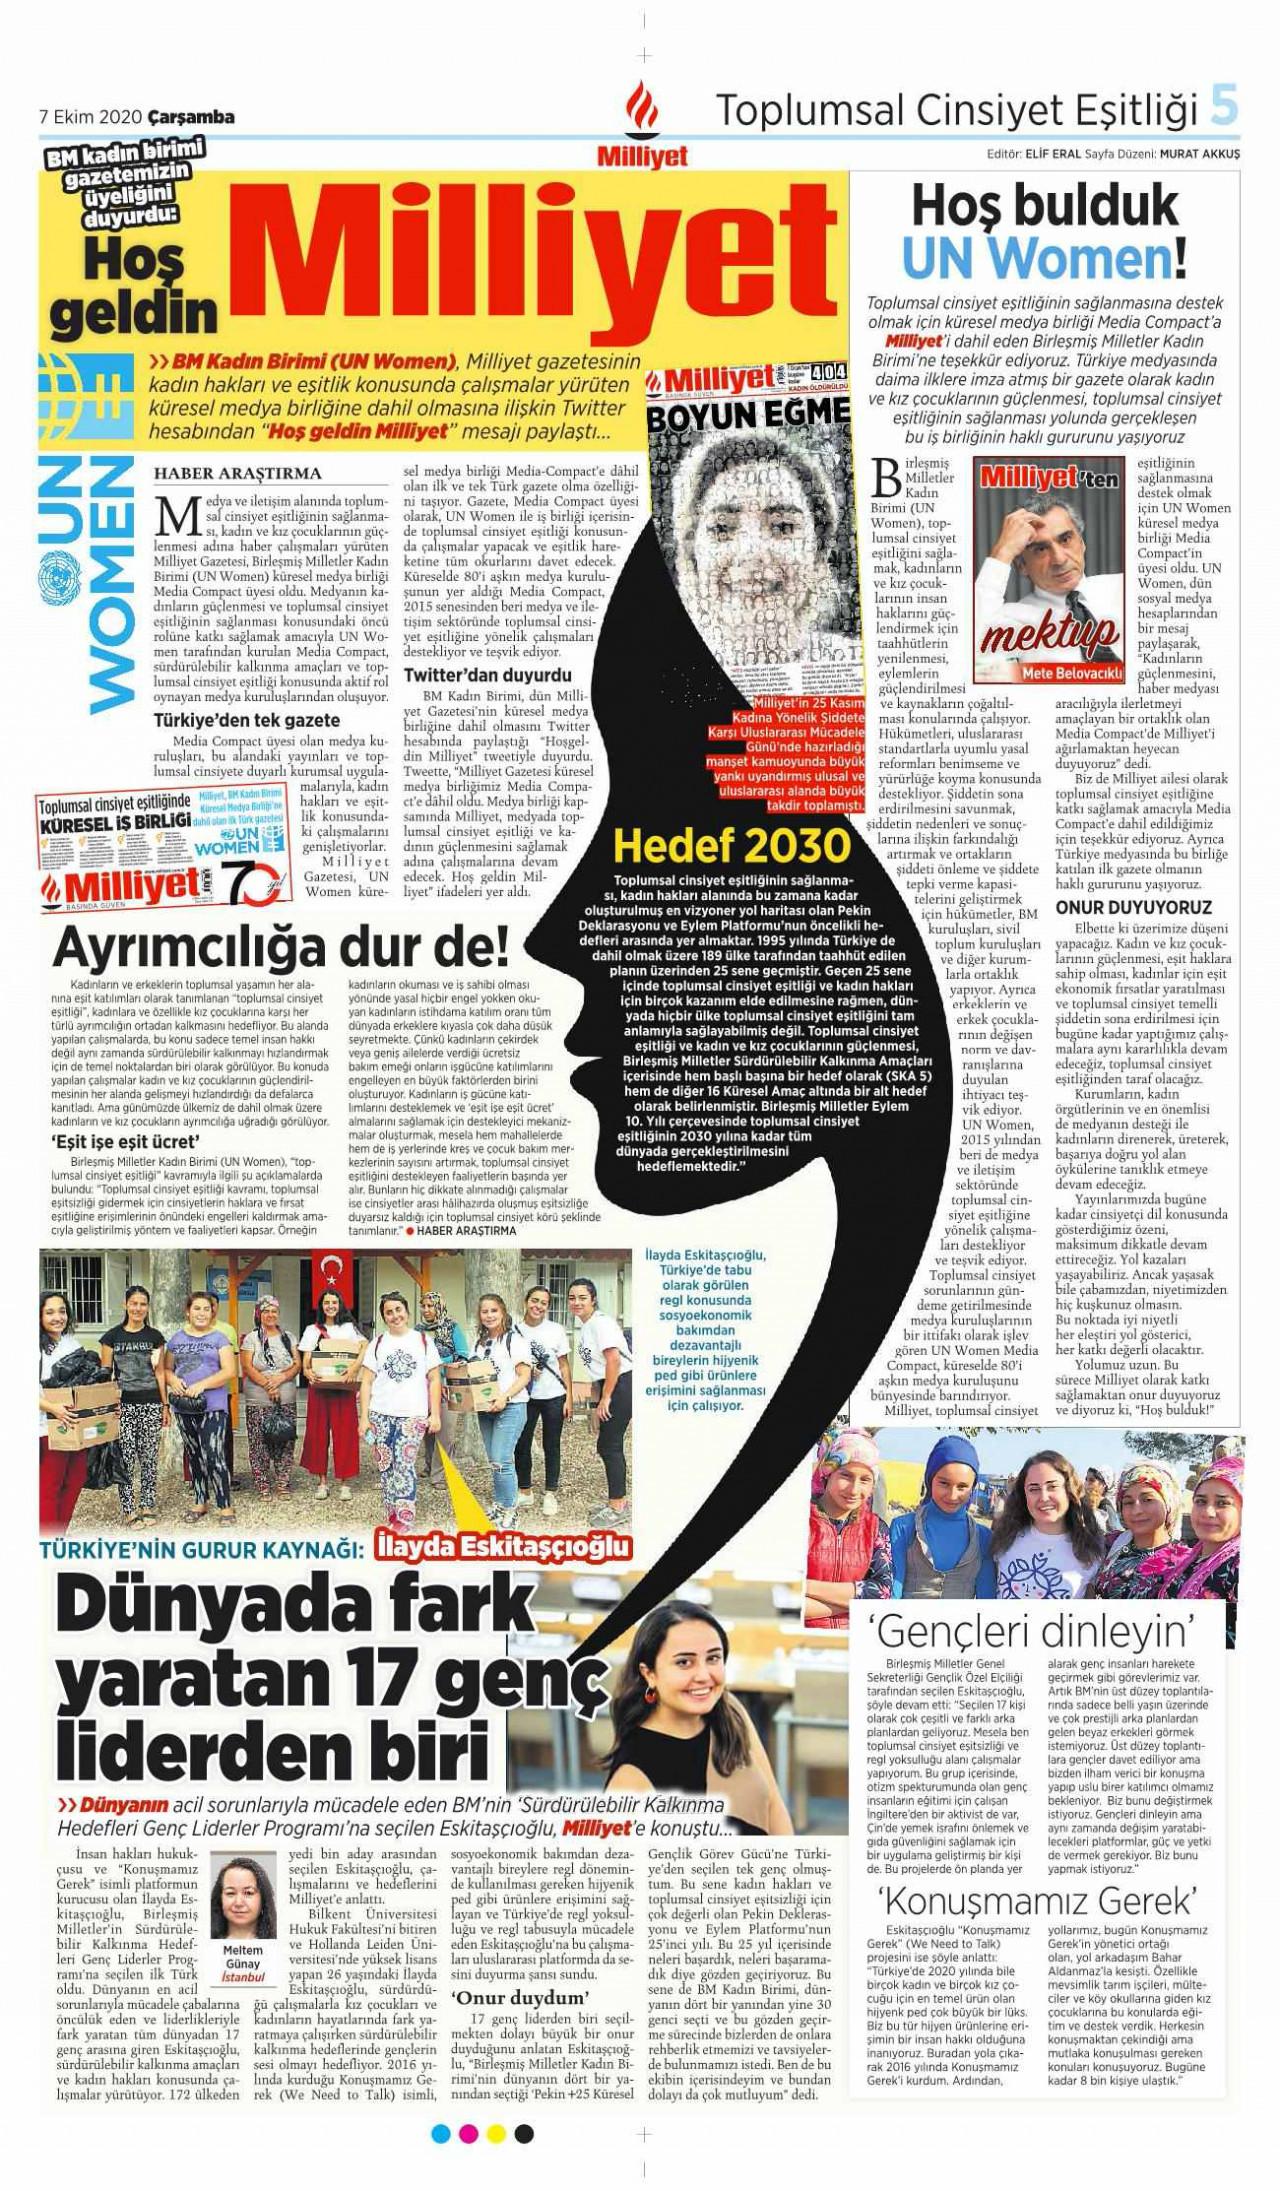 Milliyet Gazetesi, BM Küresel Medya Birliği 'Media Compact'e dahil oldu!